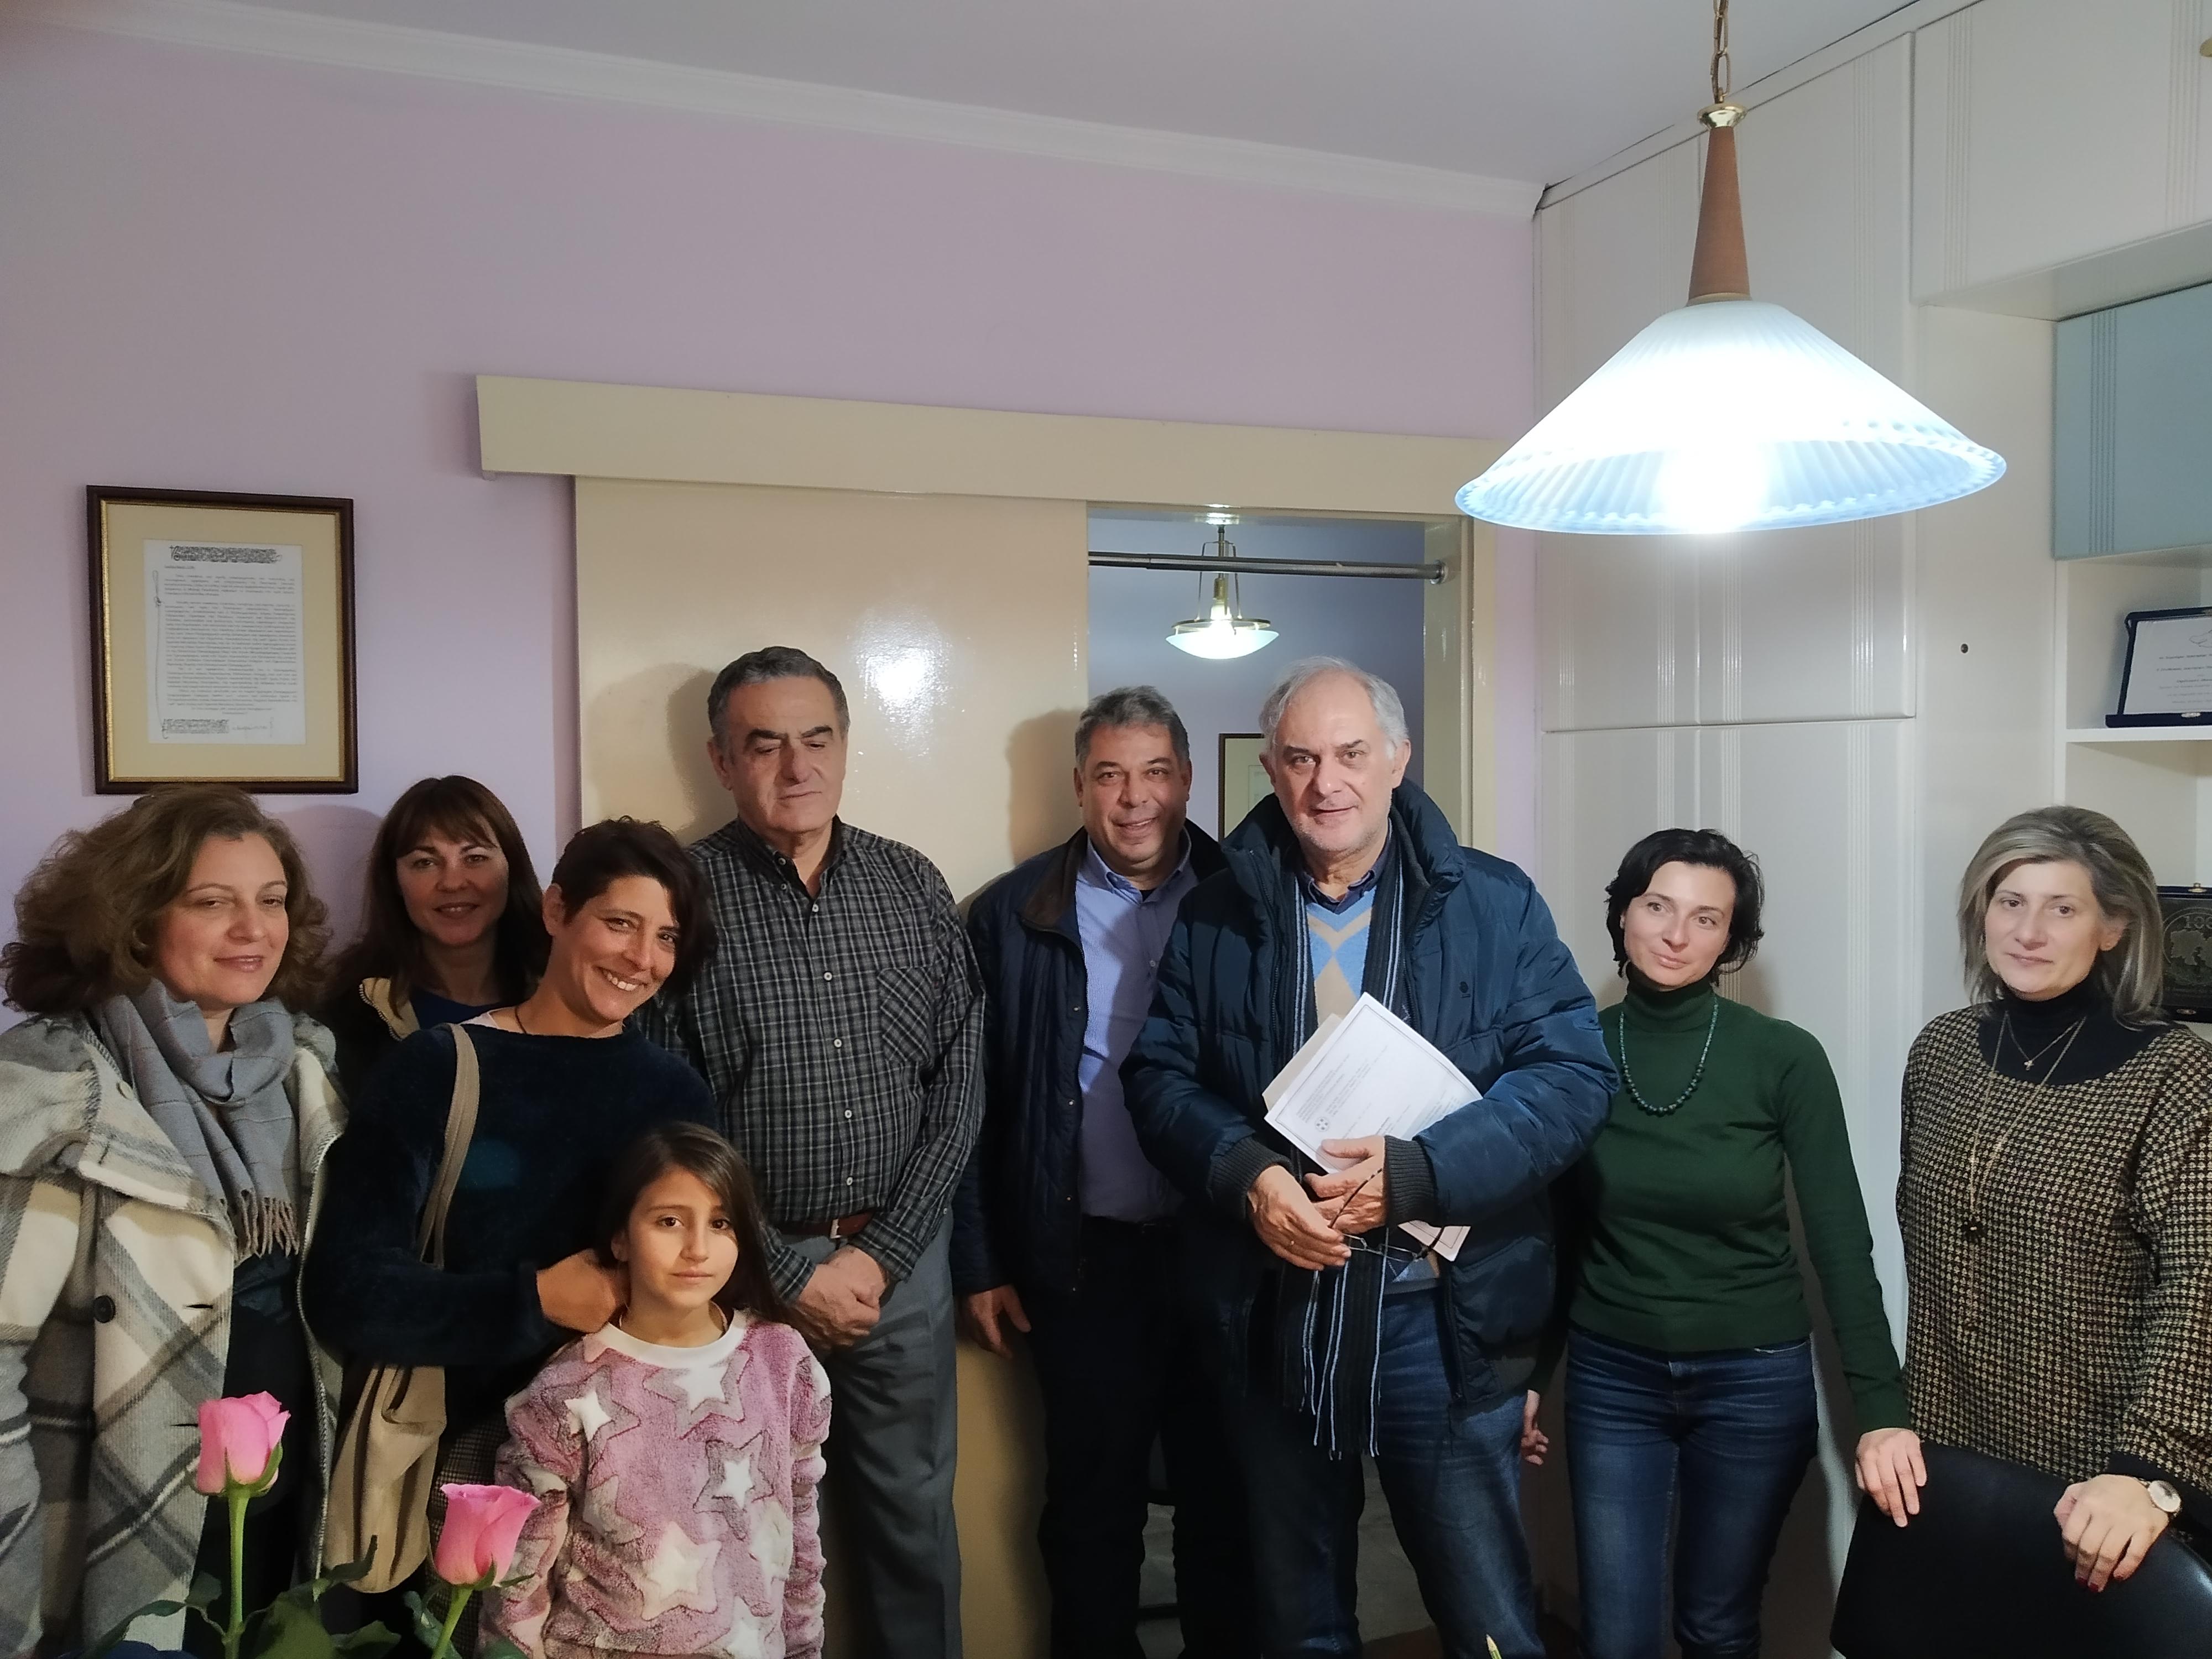 Συνάντηση Χαράλαμπου Αθανασίου με τον Διευθυντή και το Σύλλογο γονέων και κηδεμόνων του Δημοτικού σχολείου Λουτροπόλεως Θερμής.